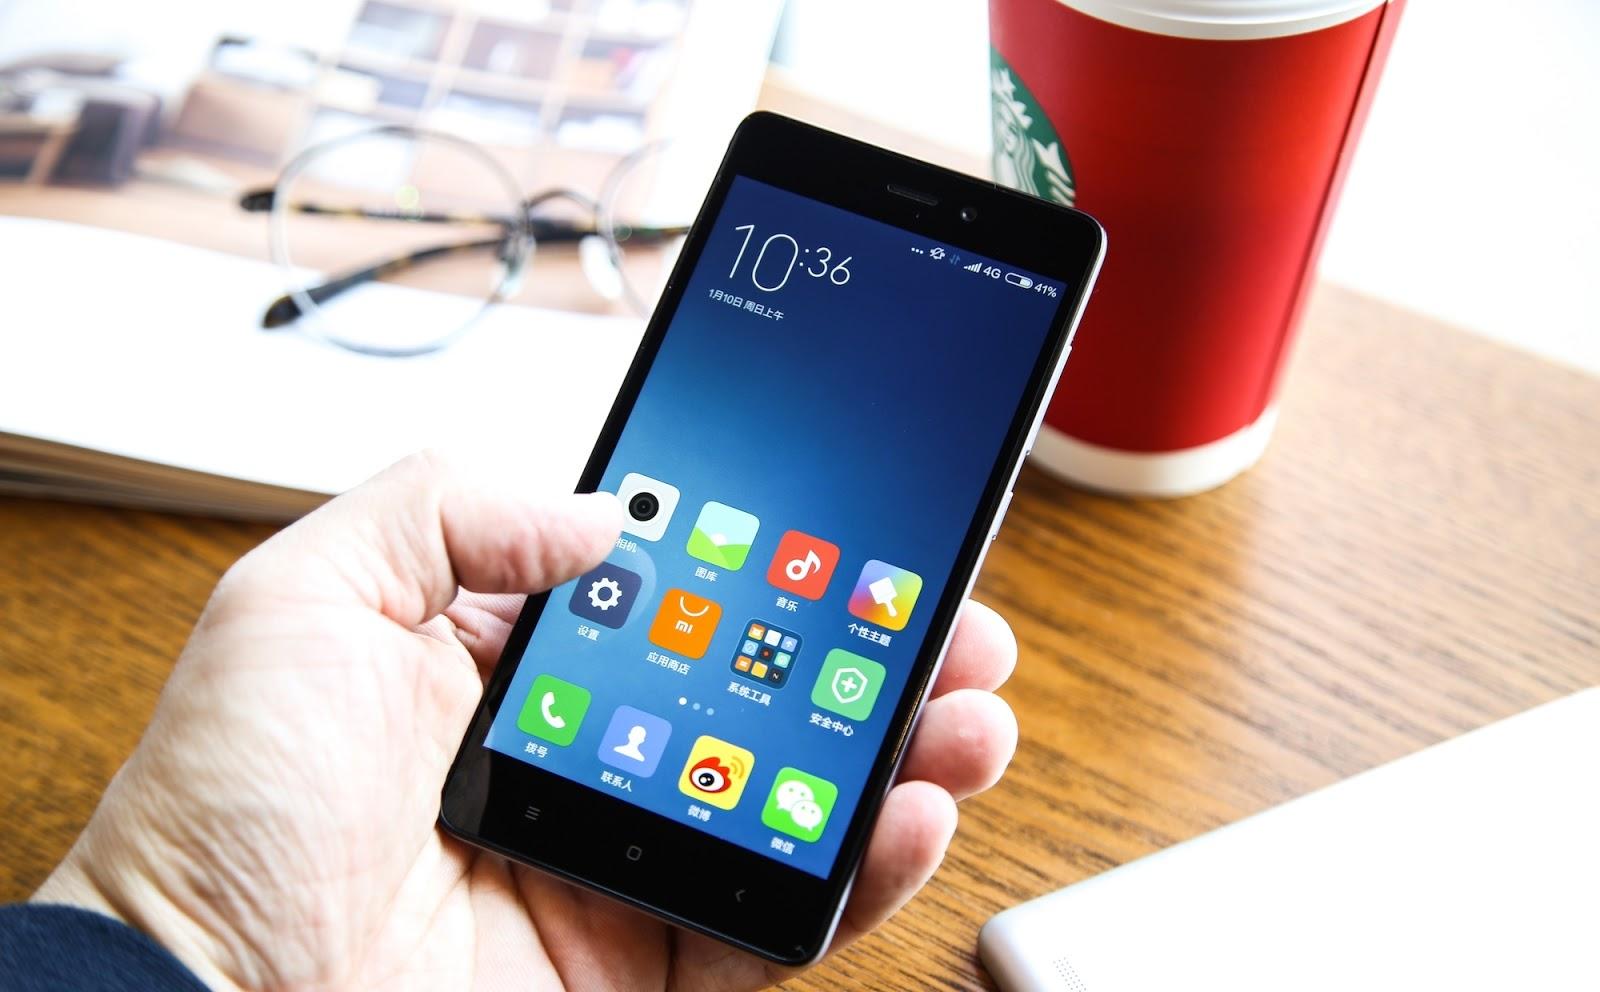 Xiaomi Redmi 3 este deja disponibil la pre-comandă; costă 139.99 dolari pe site-ul unui retailer chinez